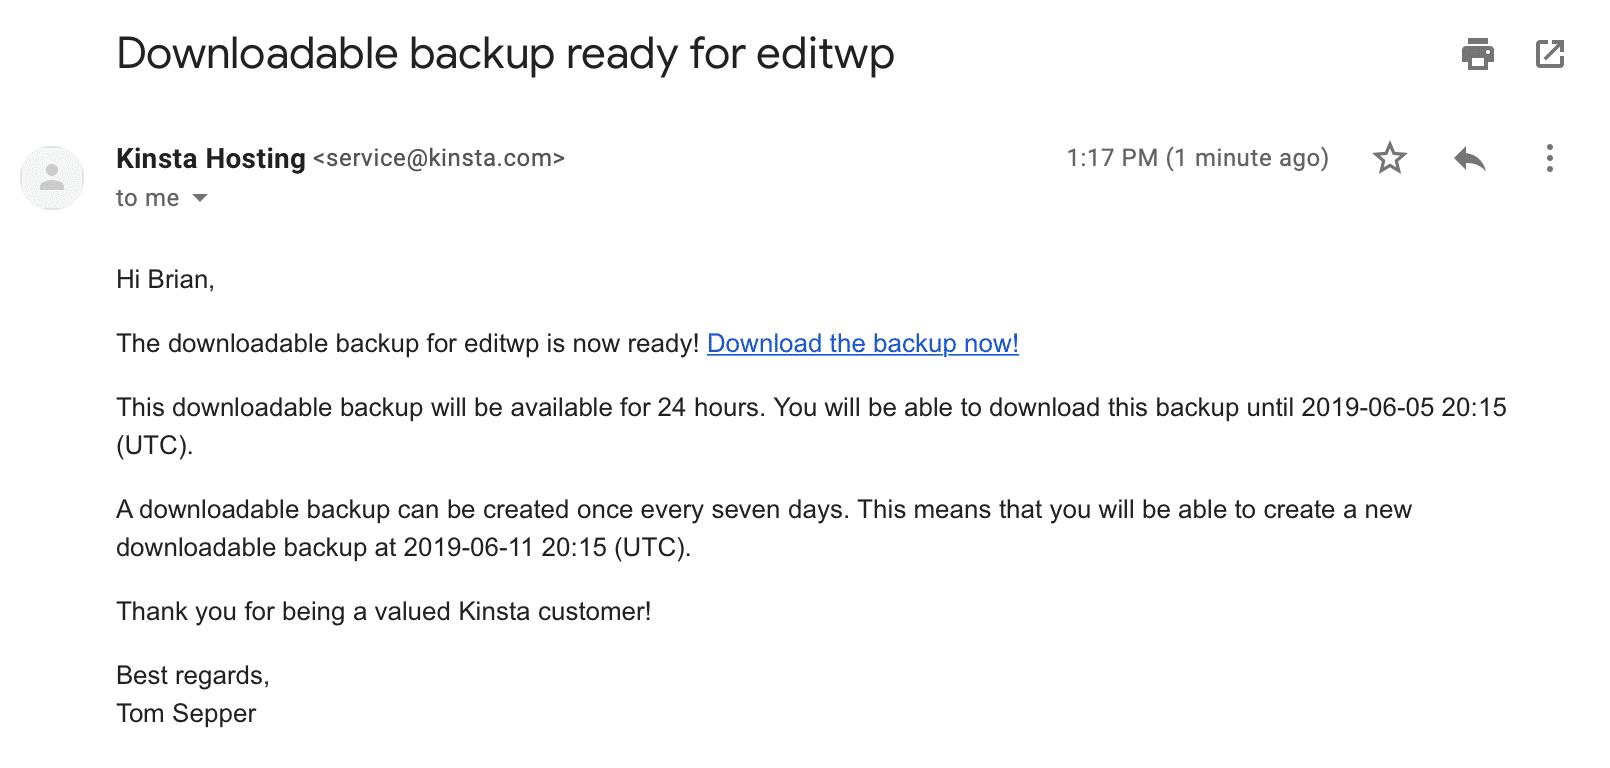 Aviso del backup descargable